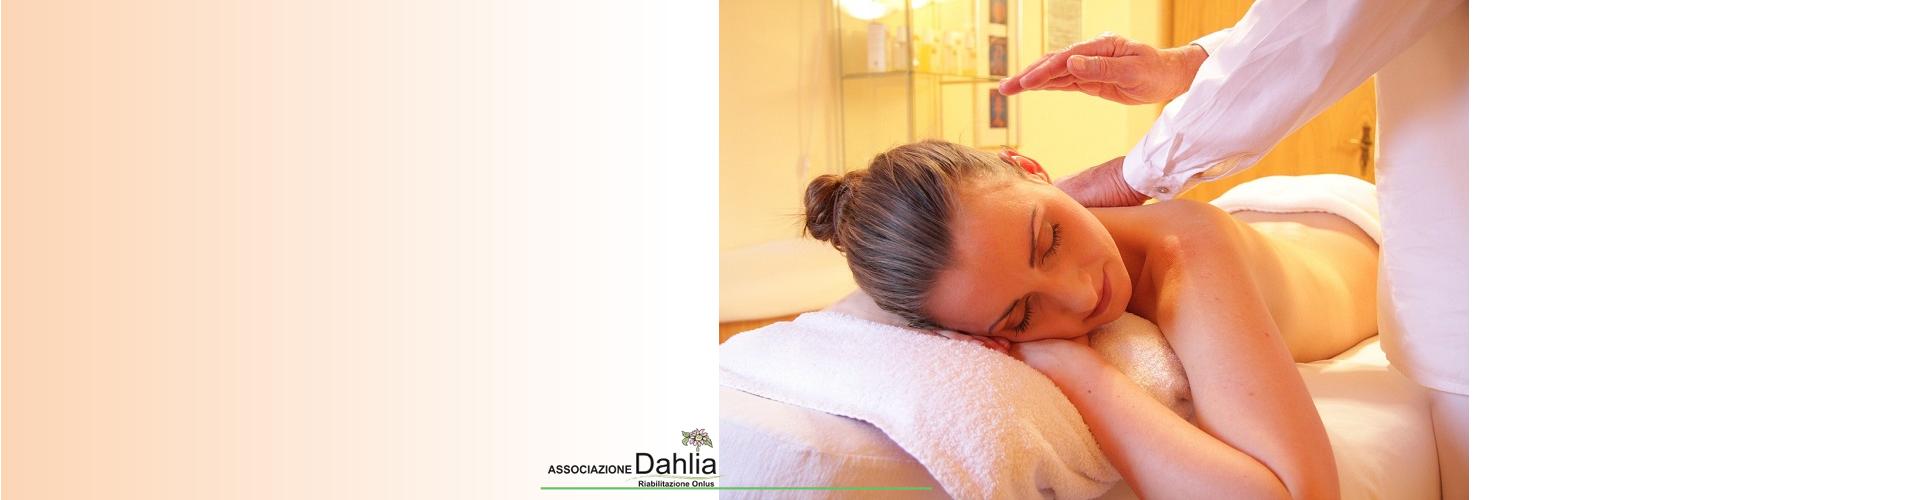 fisioterapia-domiciliare-roma-associazione-riabilitazione-dahlia-onlus